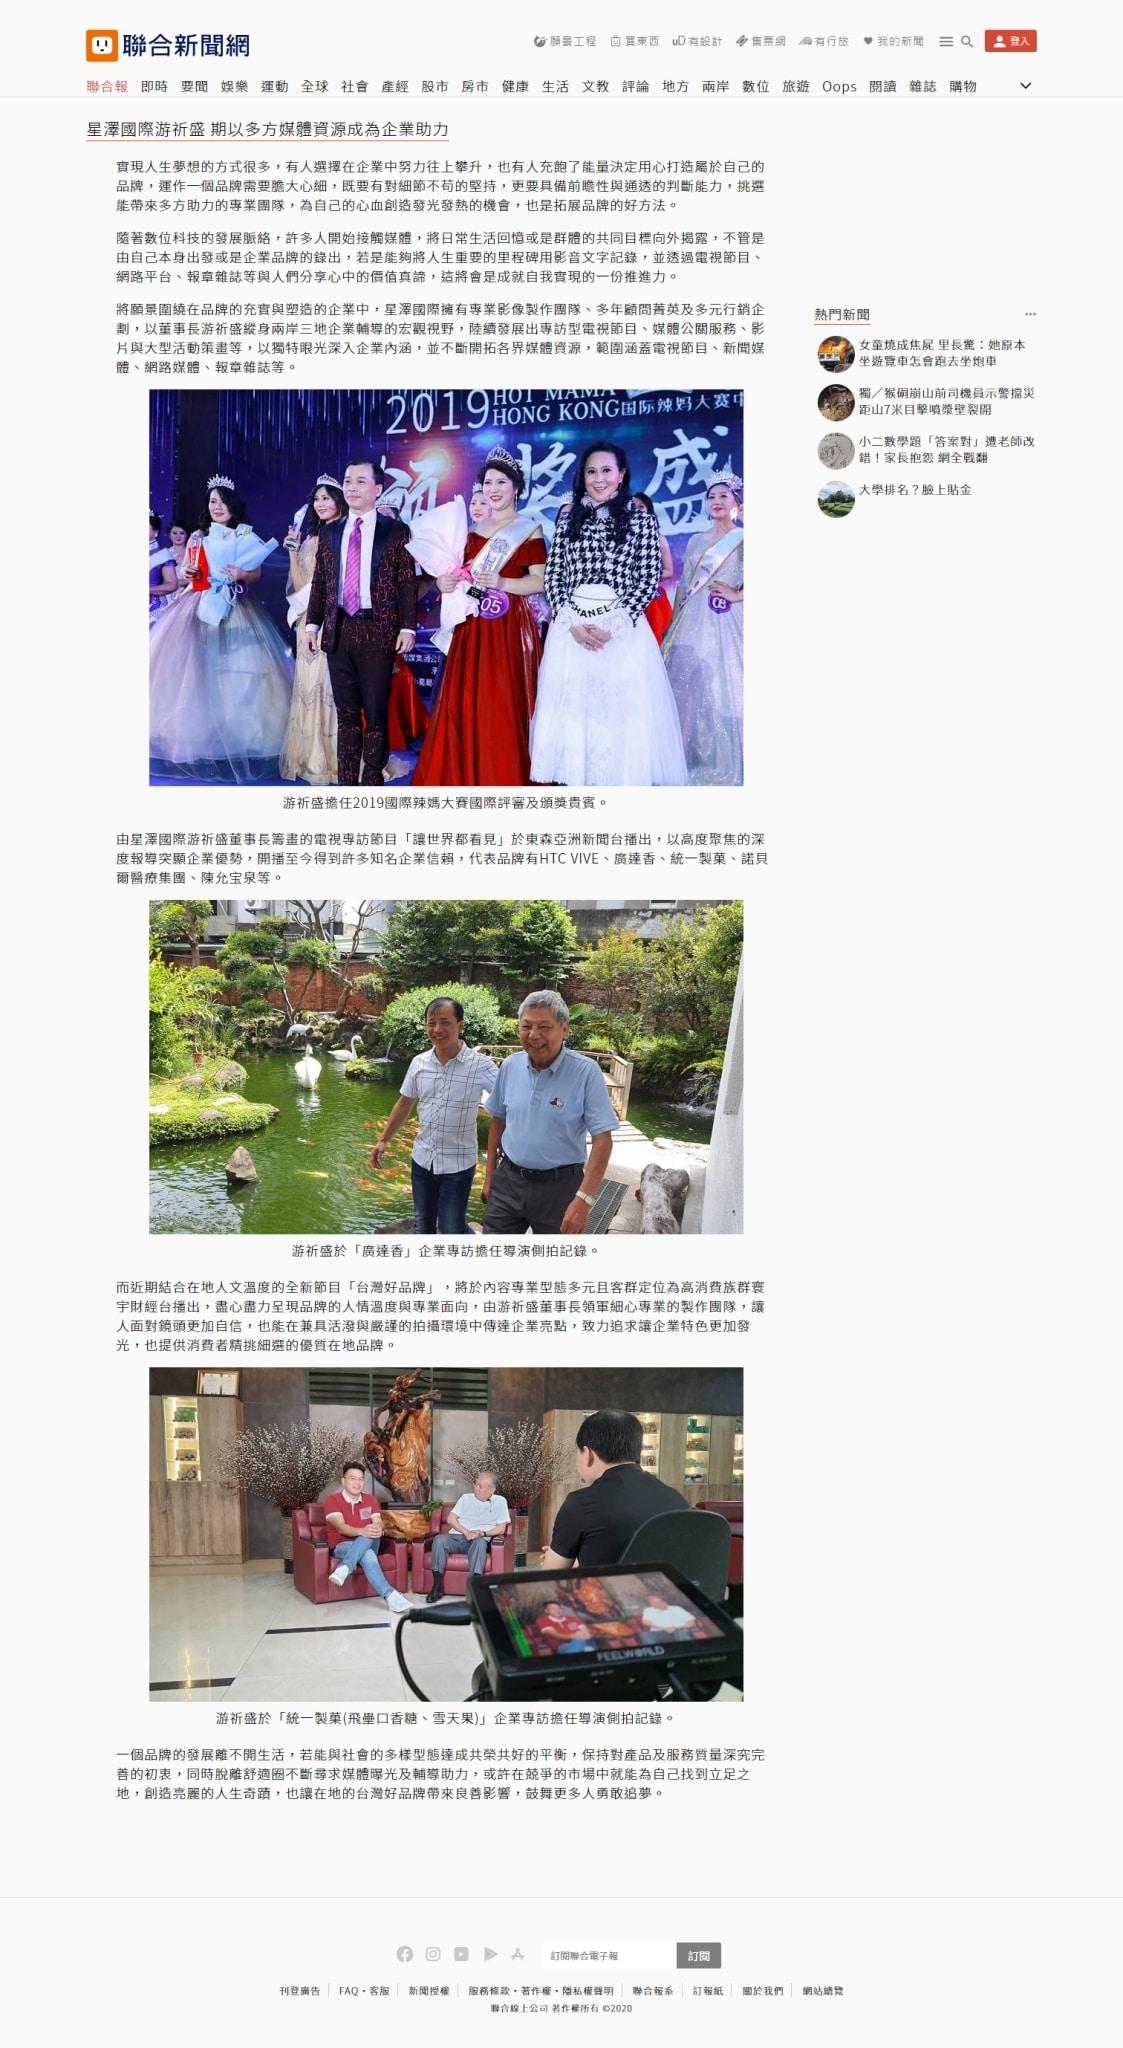 聯合新聞網-星澤國際游祈盛 期以多方媒體資源成為企業助力